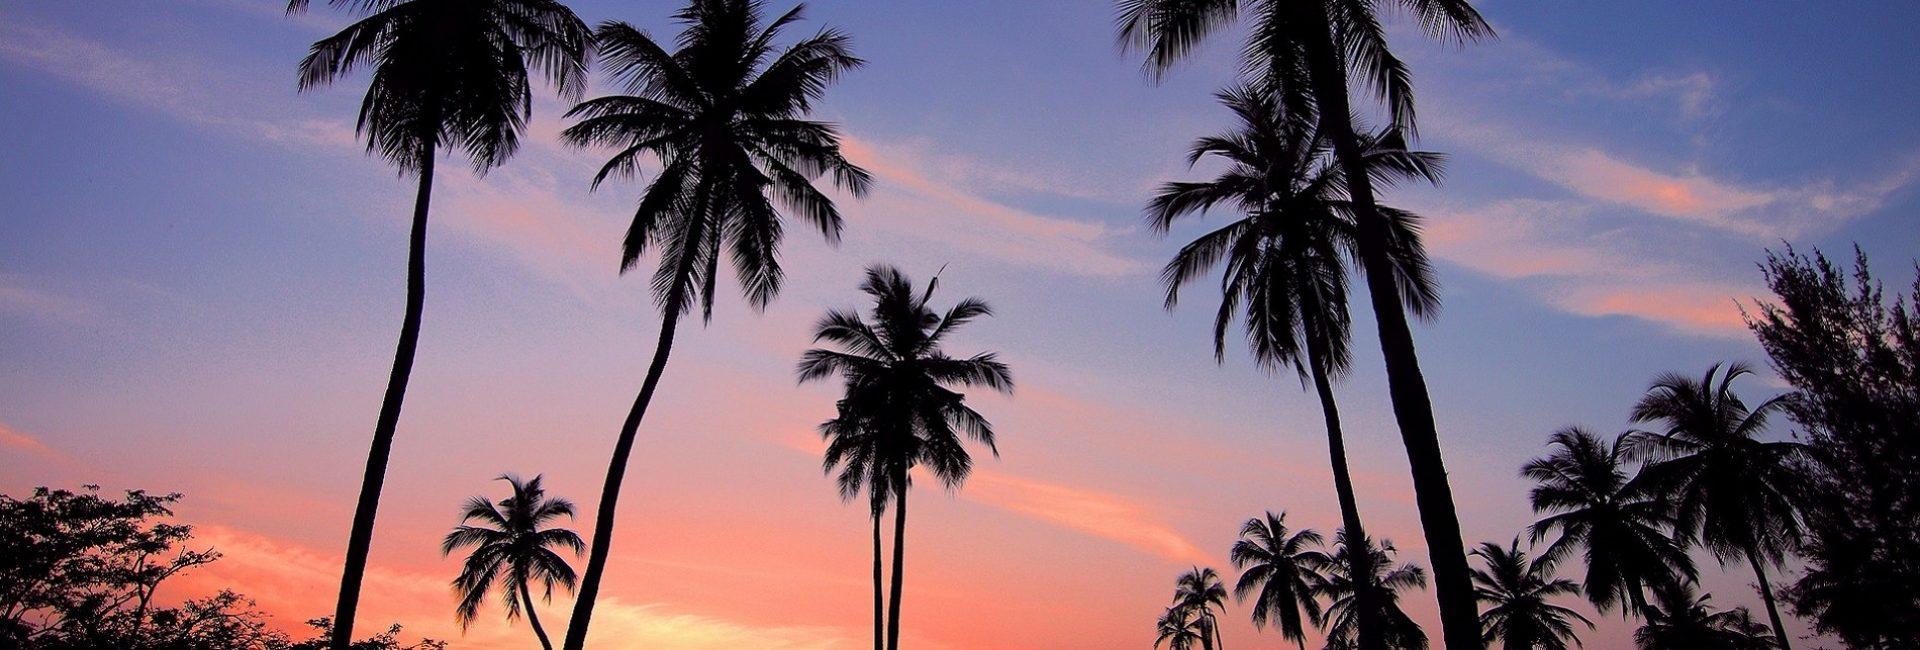 Putovanje na drevni i egzotični otok Šri Lanka bogat prekrasnim plažama i raskošnom kuhinjom.